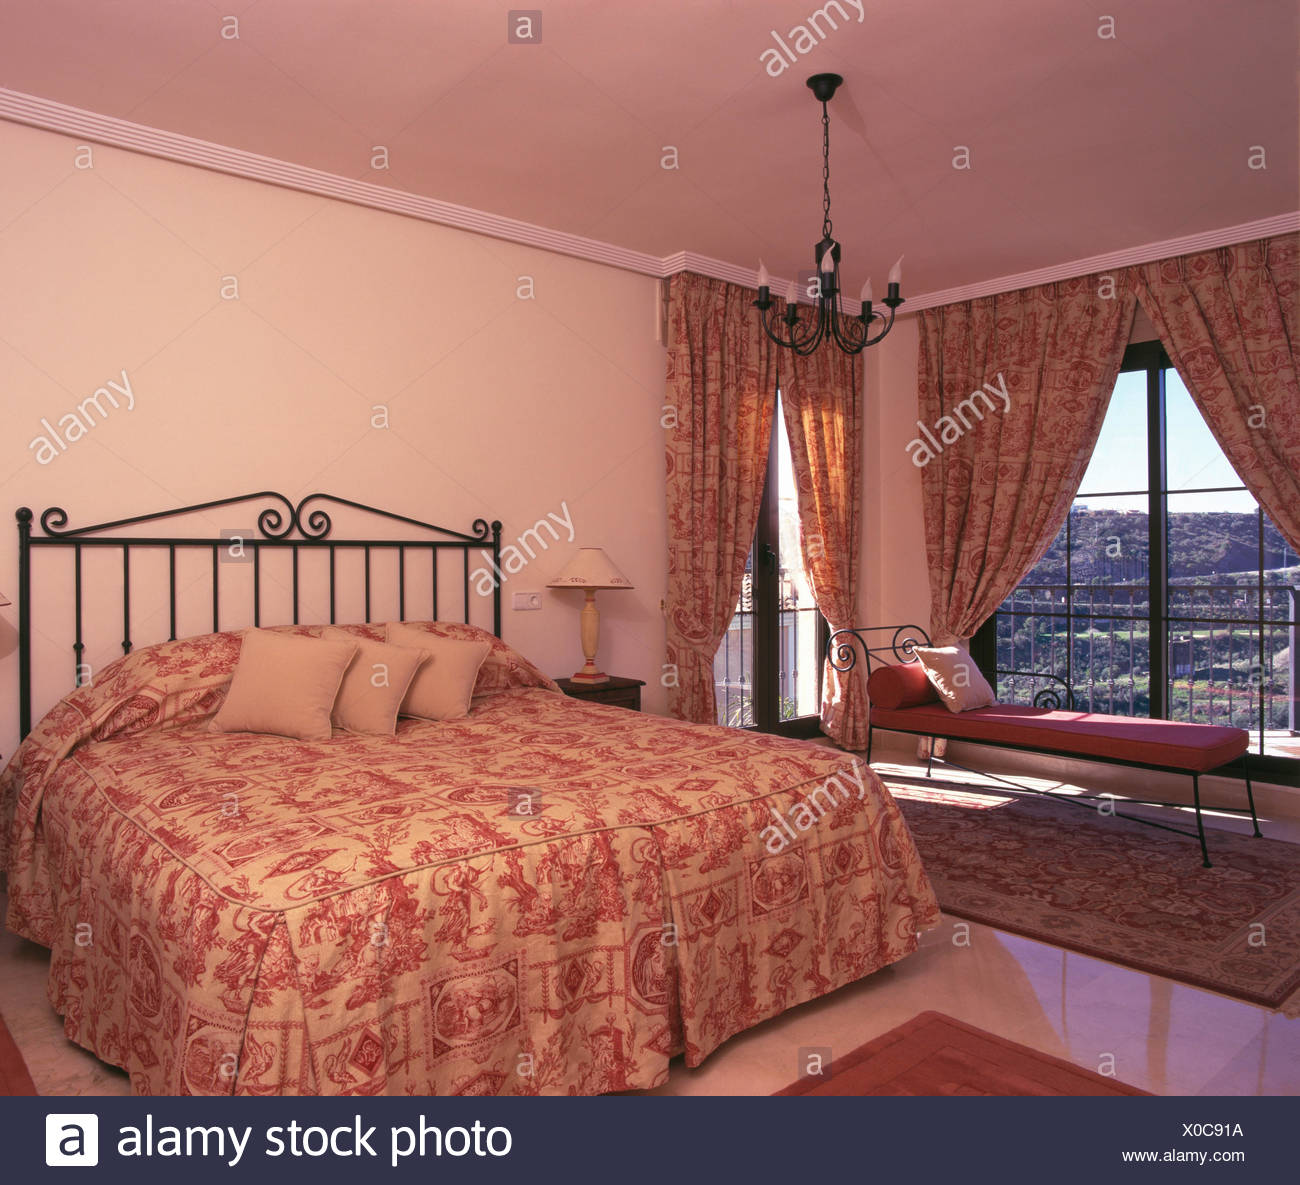 Rosa quilt modellato sul letto di metallo in spagnolo camera ...